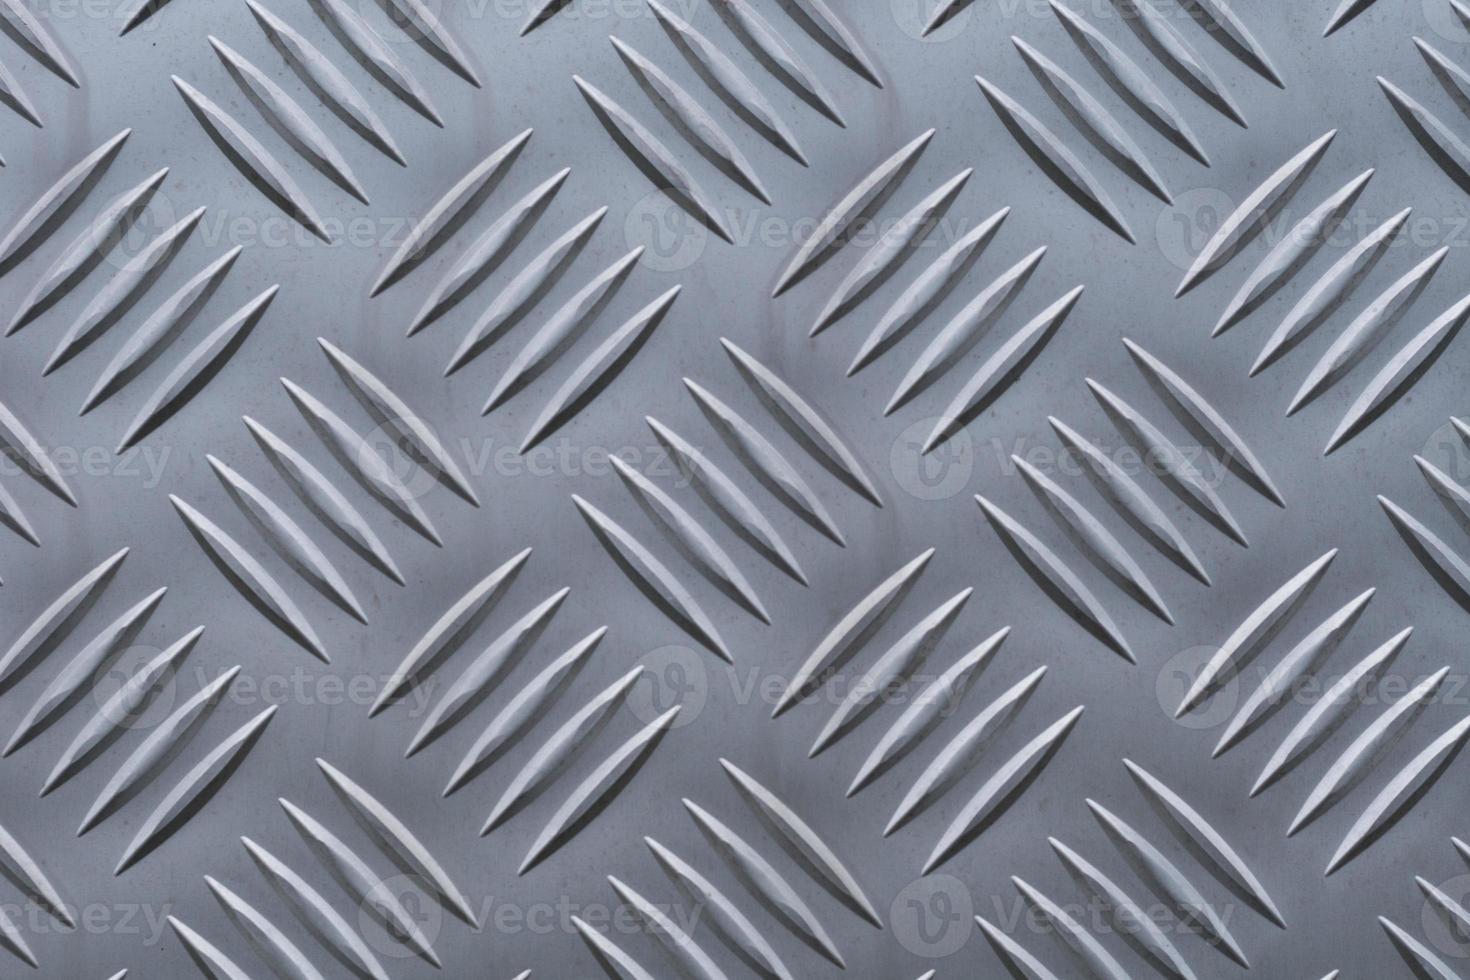 toile de fond du motif en losange d'une plaque d'aluminium photo